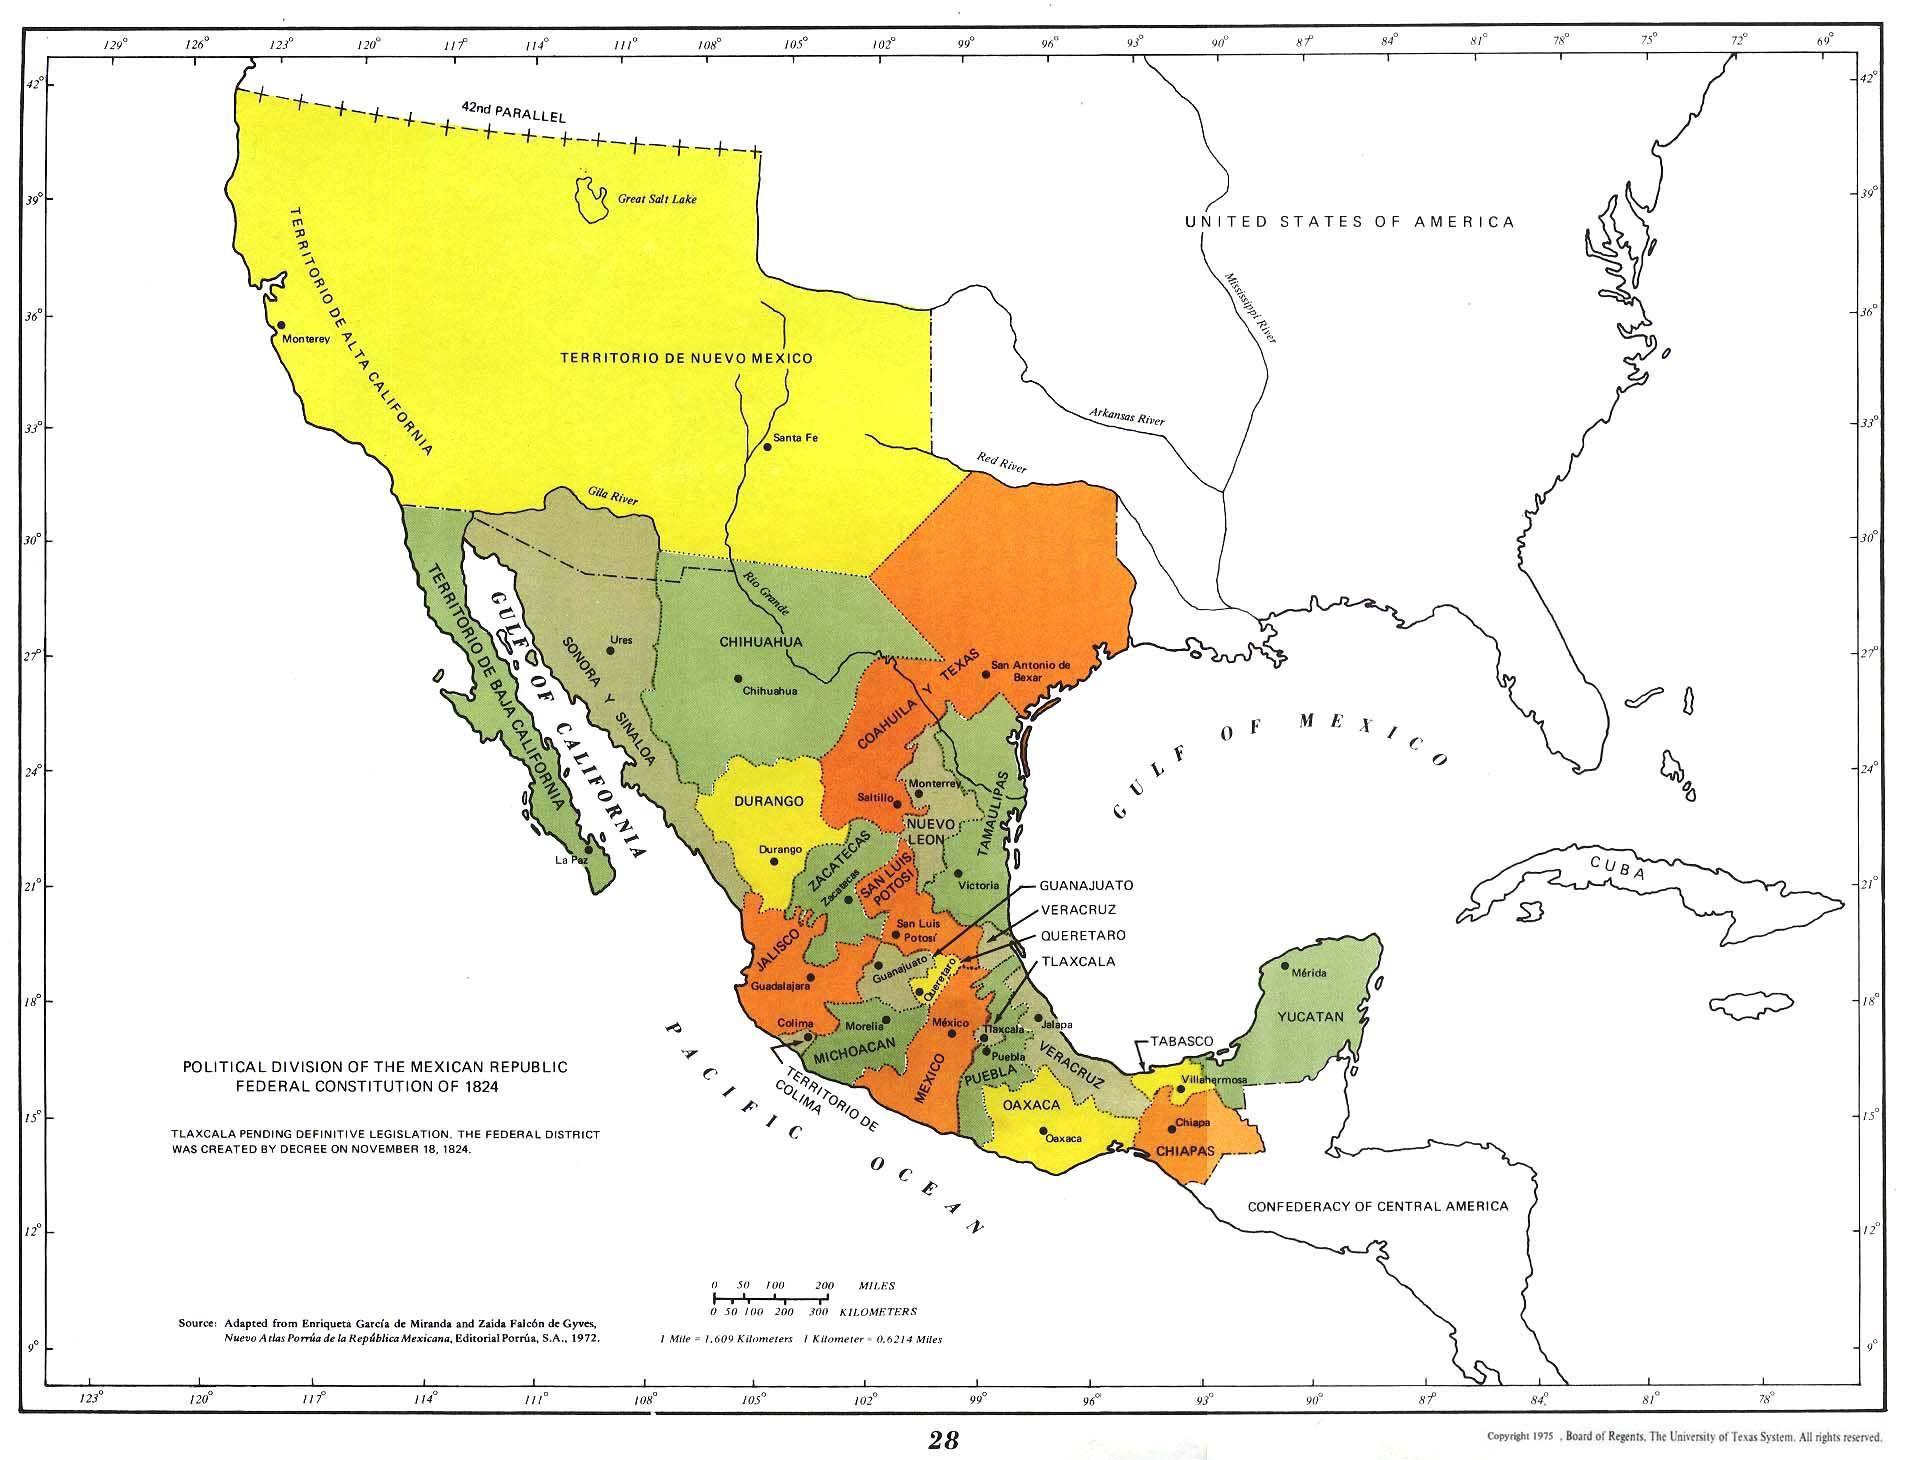 tonina piramide mas grande mexico - Google Search | Las Pirámides de ...